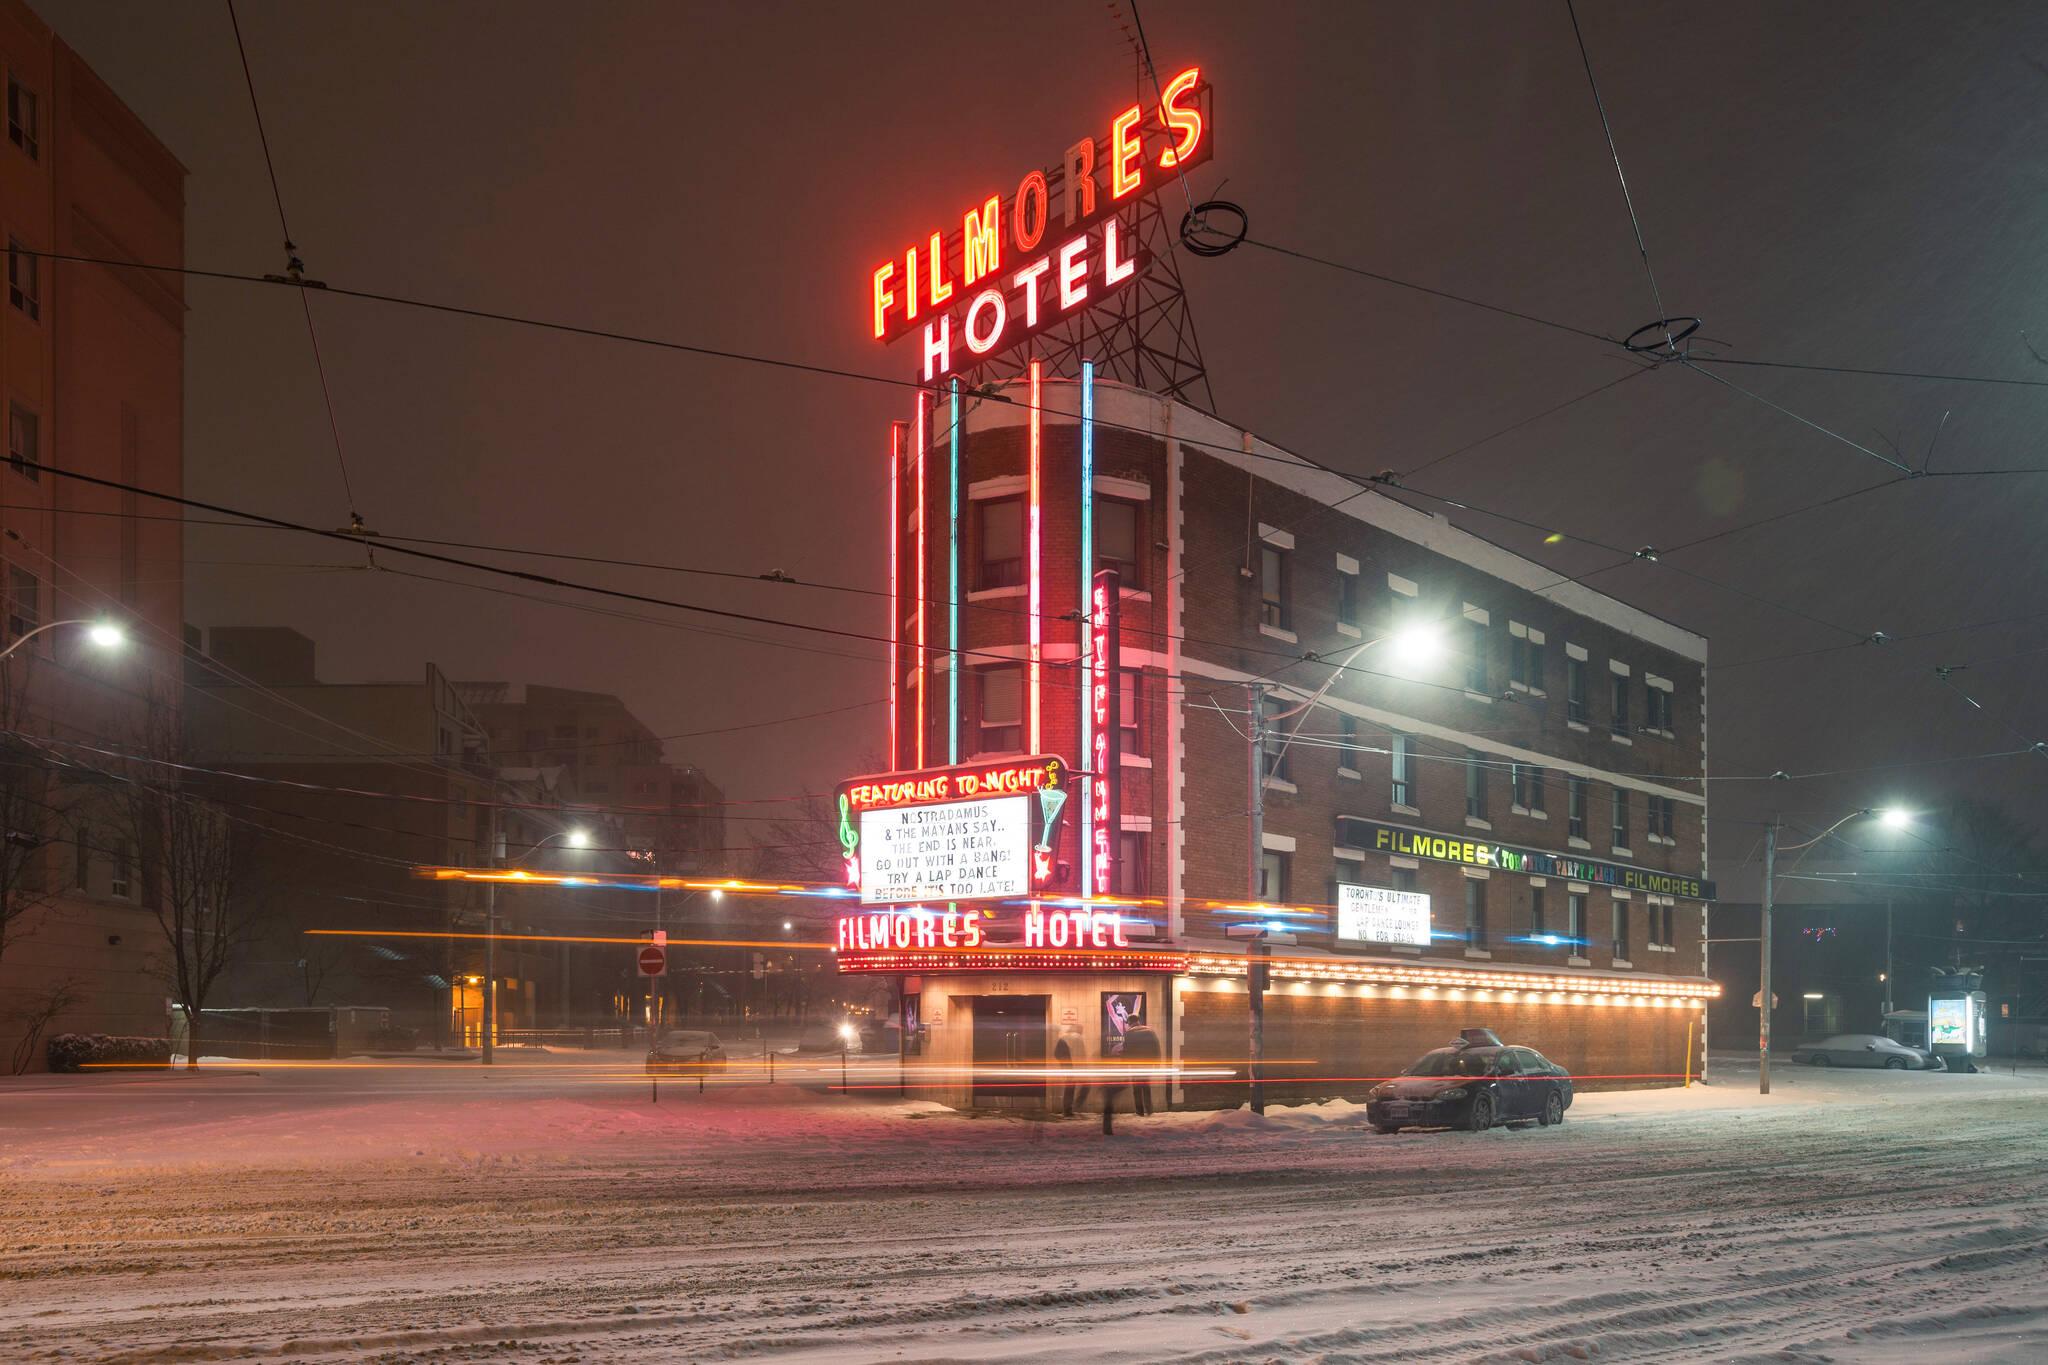 Filmores Toronto closing